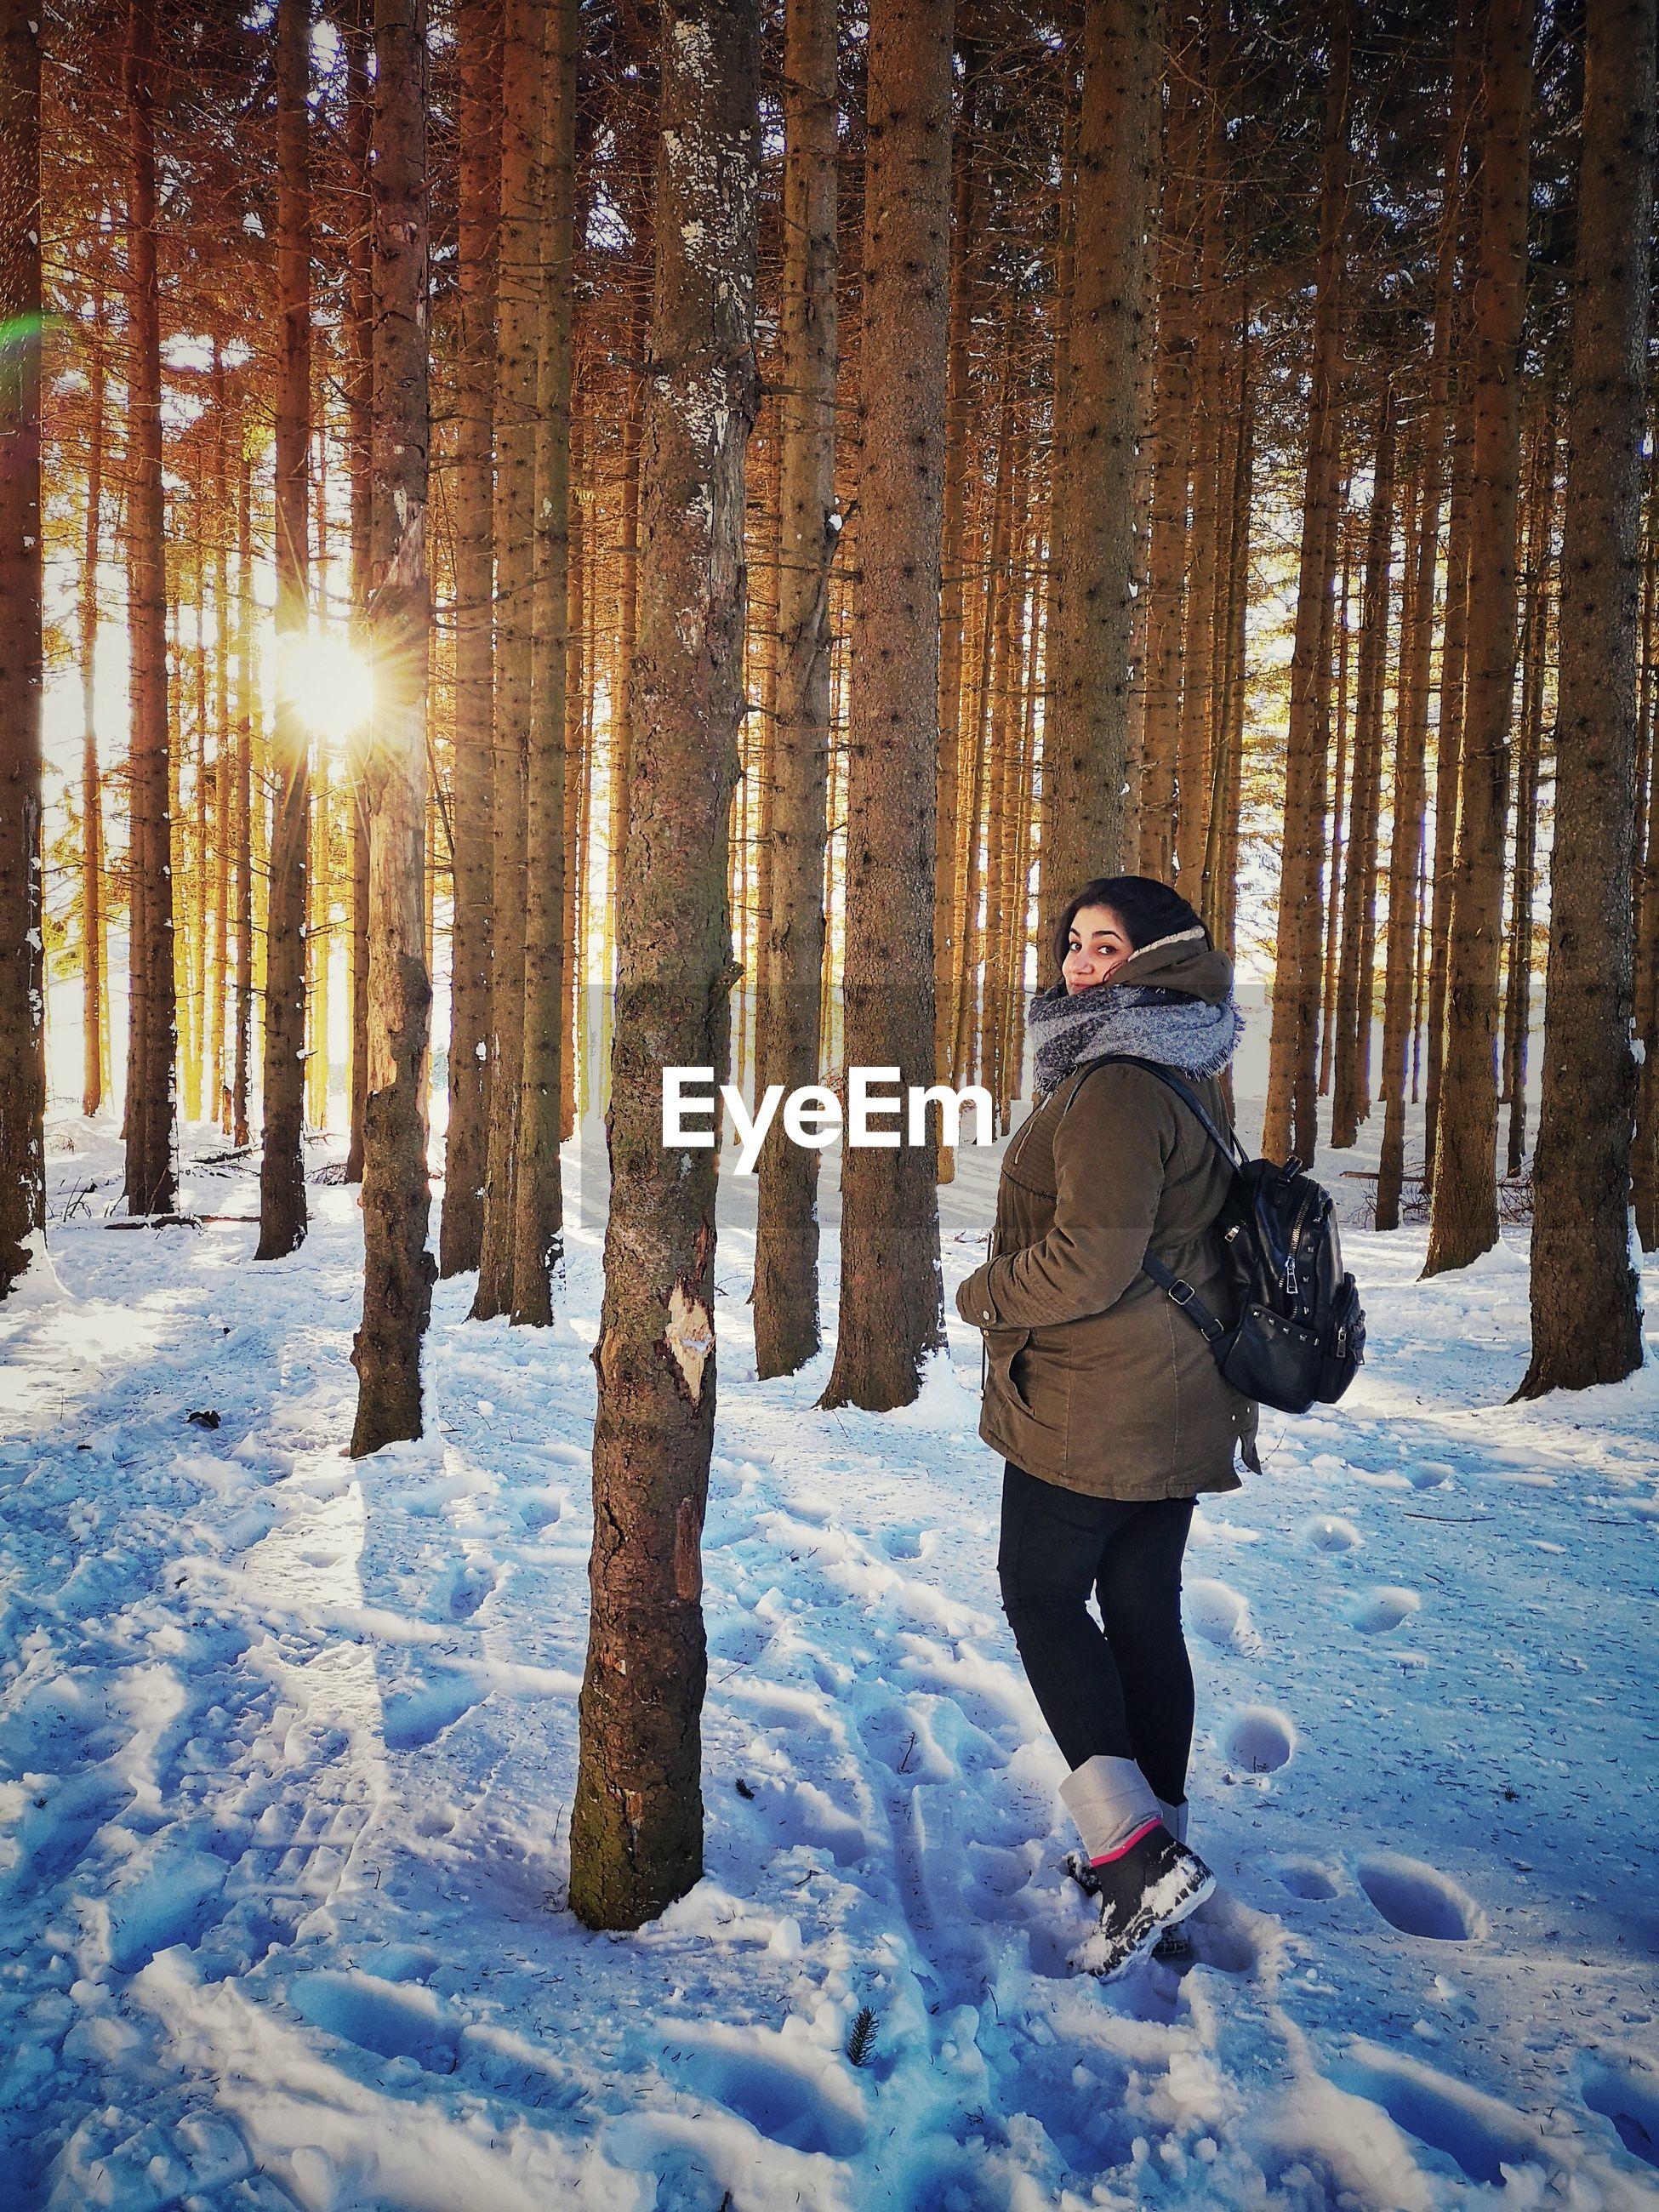 Portrait of woman walking in snowy forest